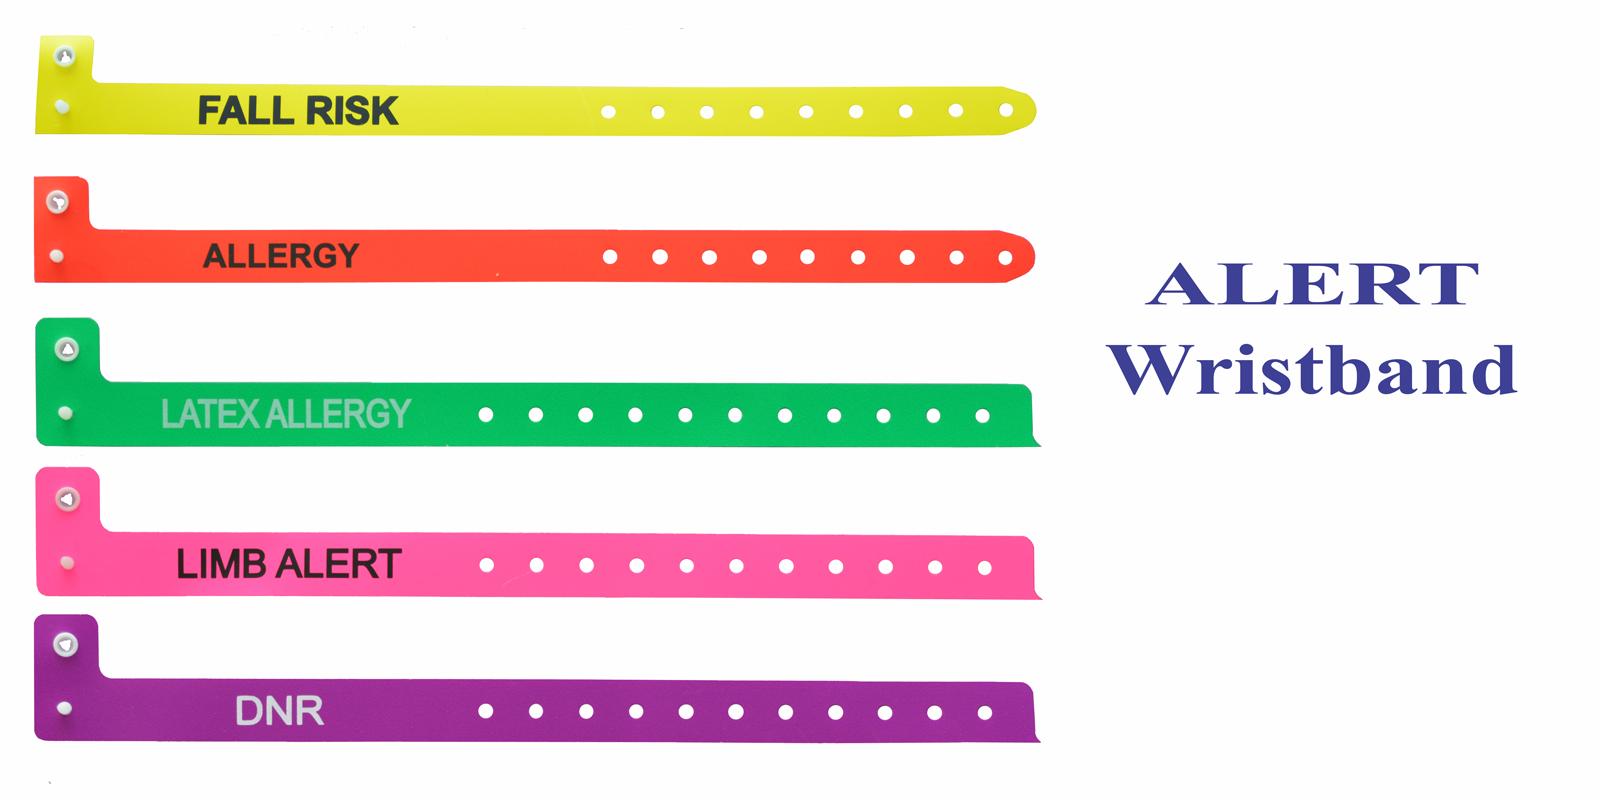 دستبند بیمار علائم هشدار